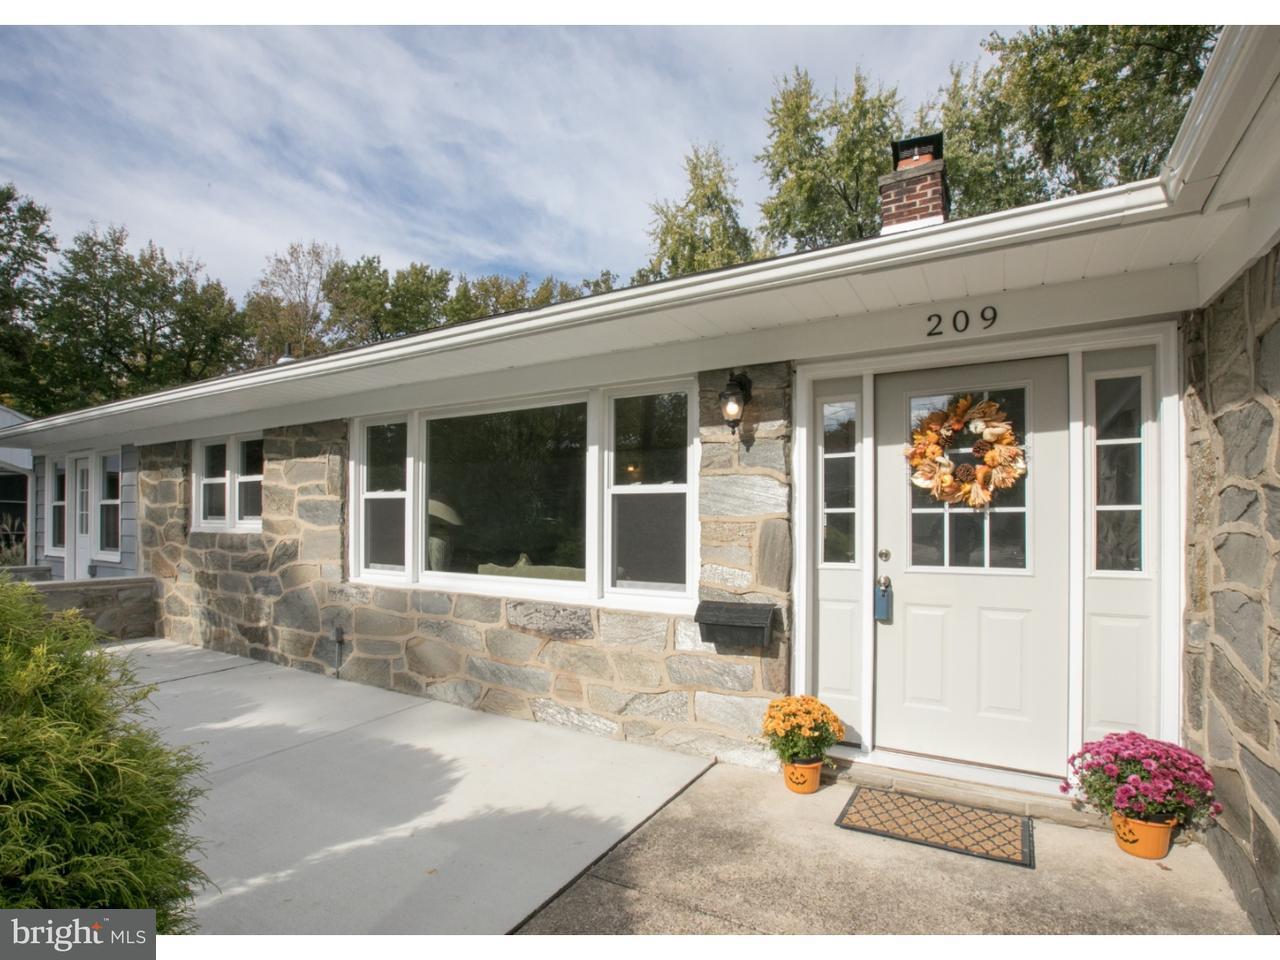 Maison unifamiliale pour l Vente à 209 NORWOOD Avenue Haddon Township, New Jersey 08108 États-Unis